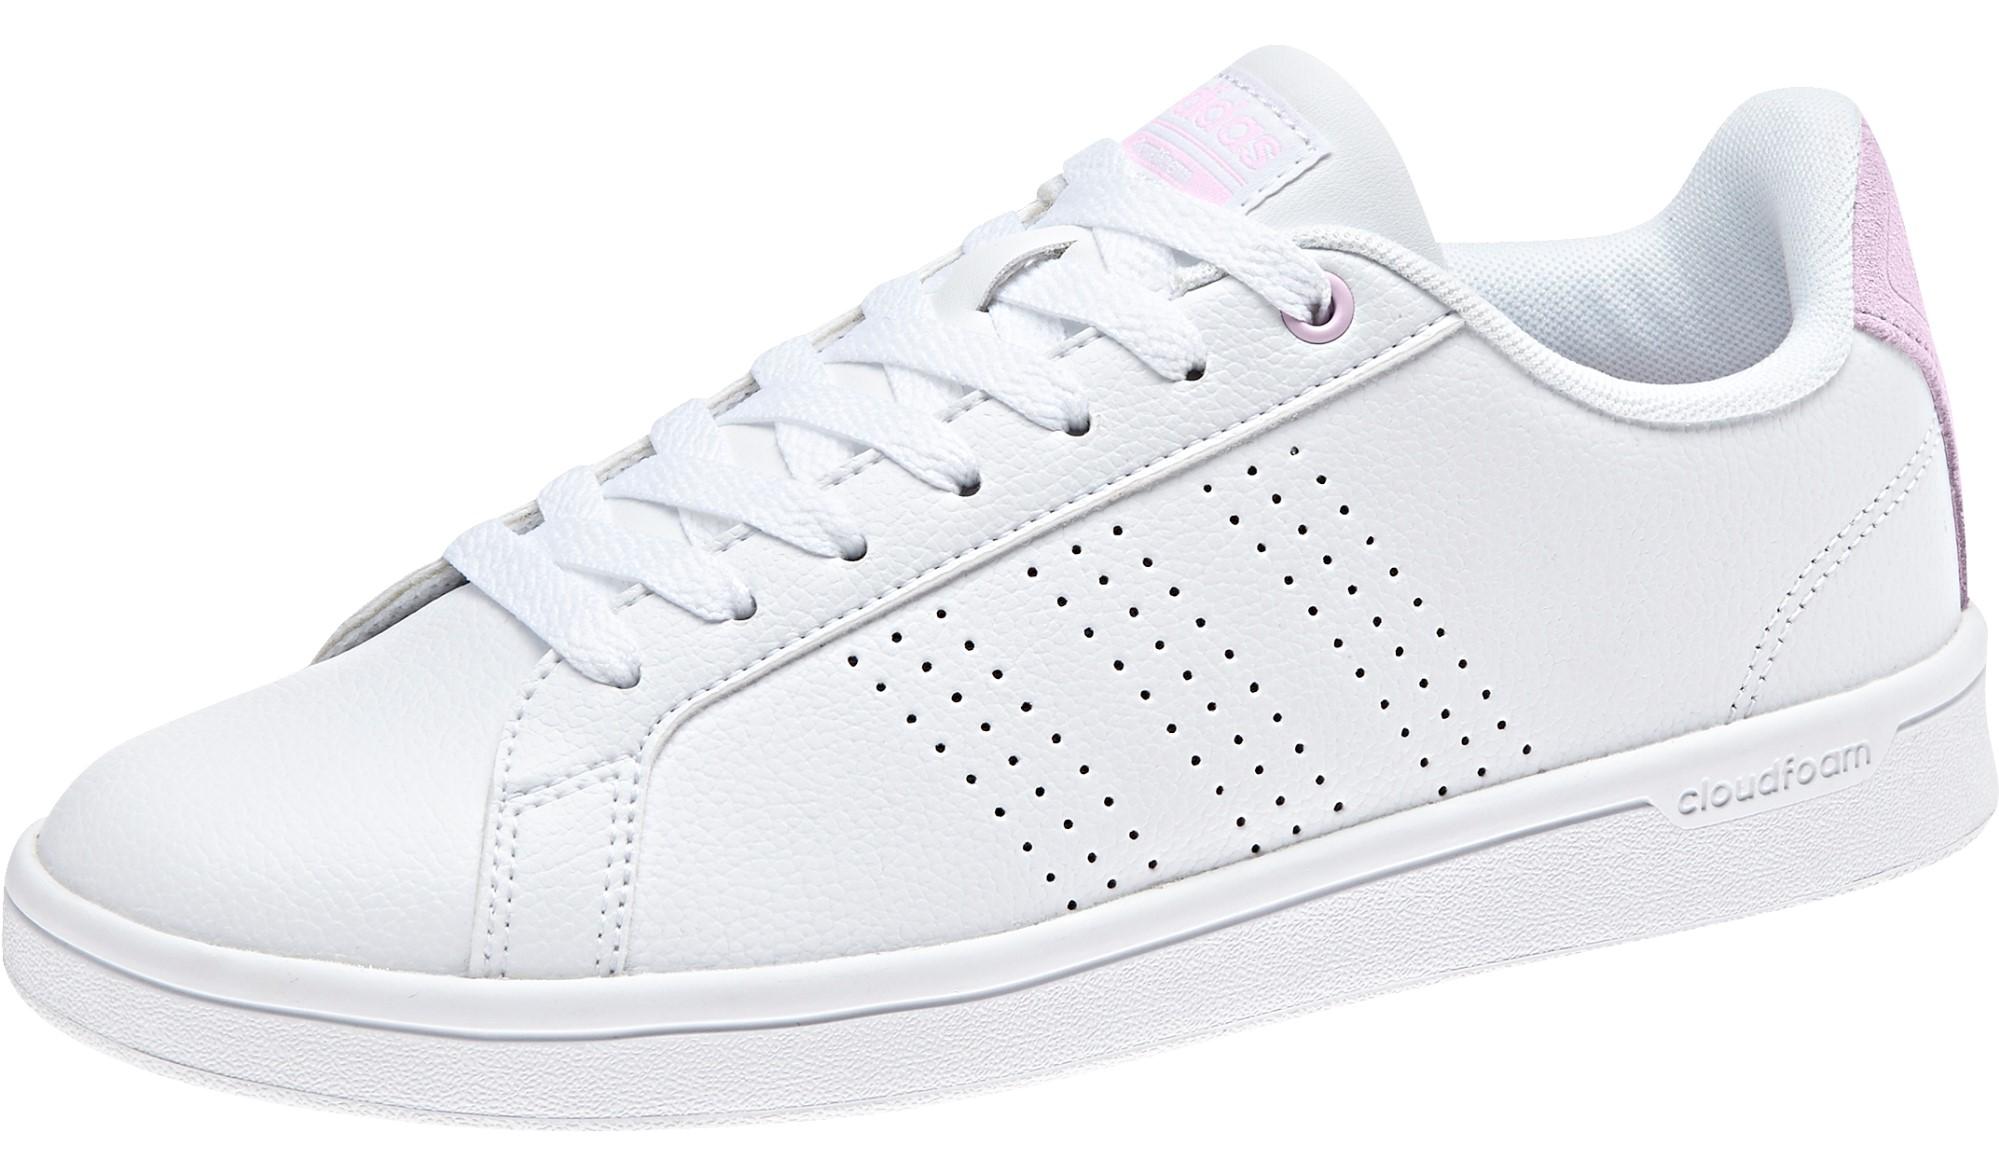 Dámské tenisky adidas CLOUDFOAM ADVANTAGE CL W bílé  1ad29ba6ef7